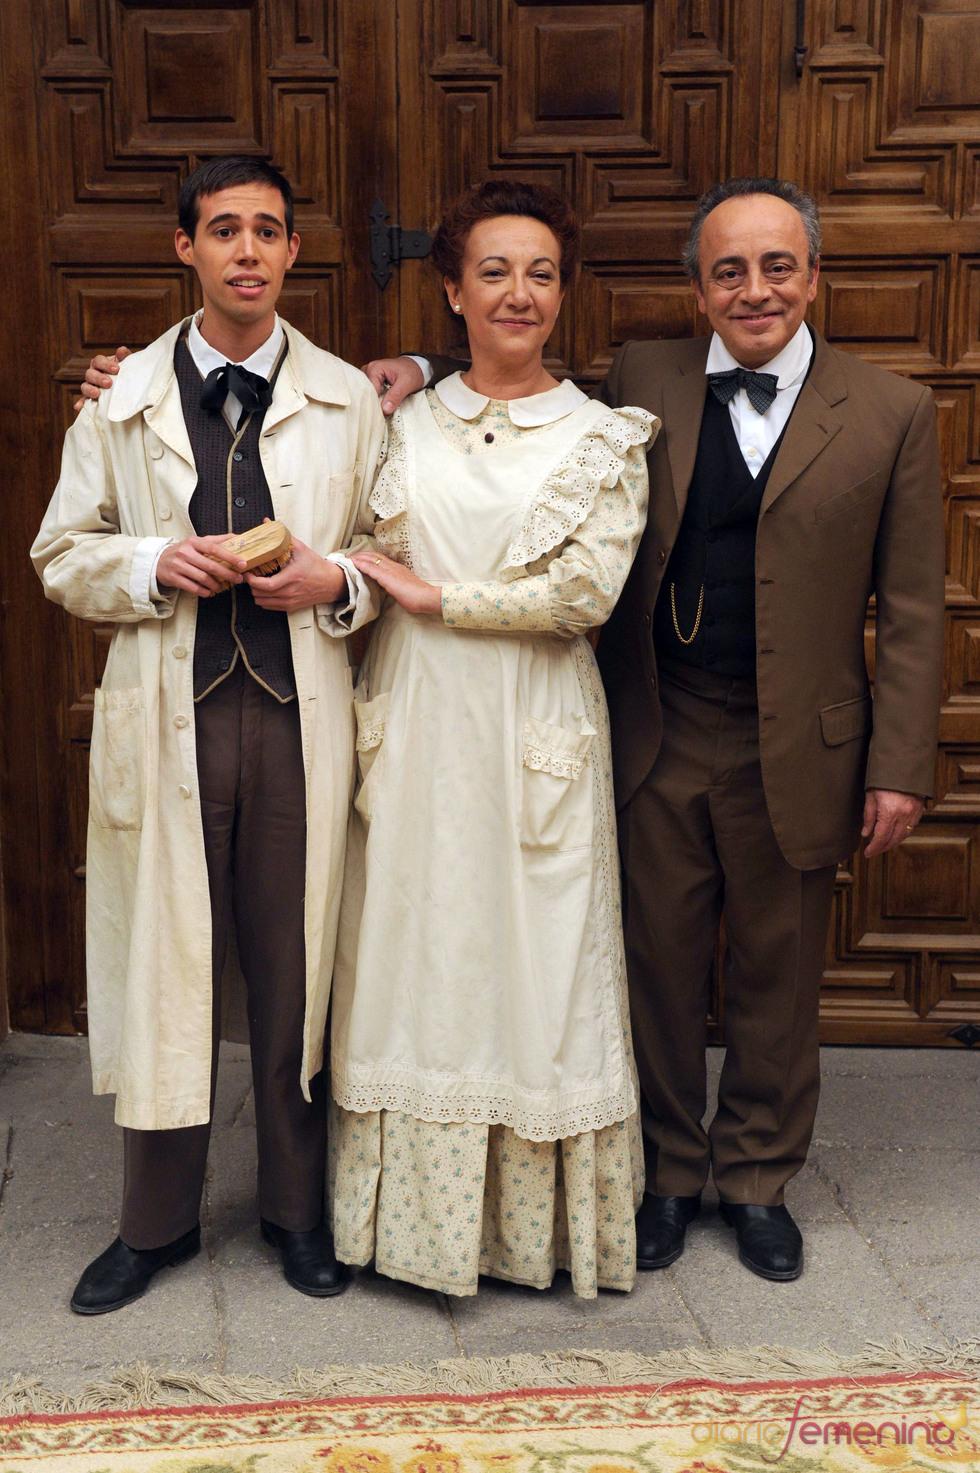 Enric Benavent, Maribel Ripoll y Selu Nieto, actores de 'El secreto de Puente Viejo'